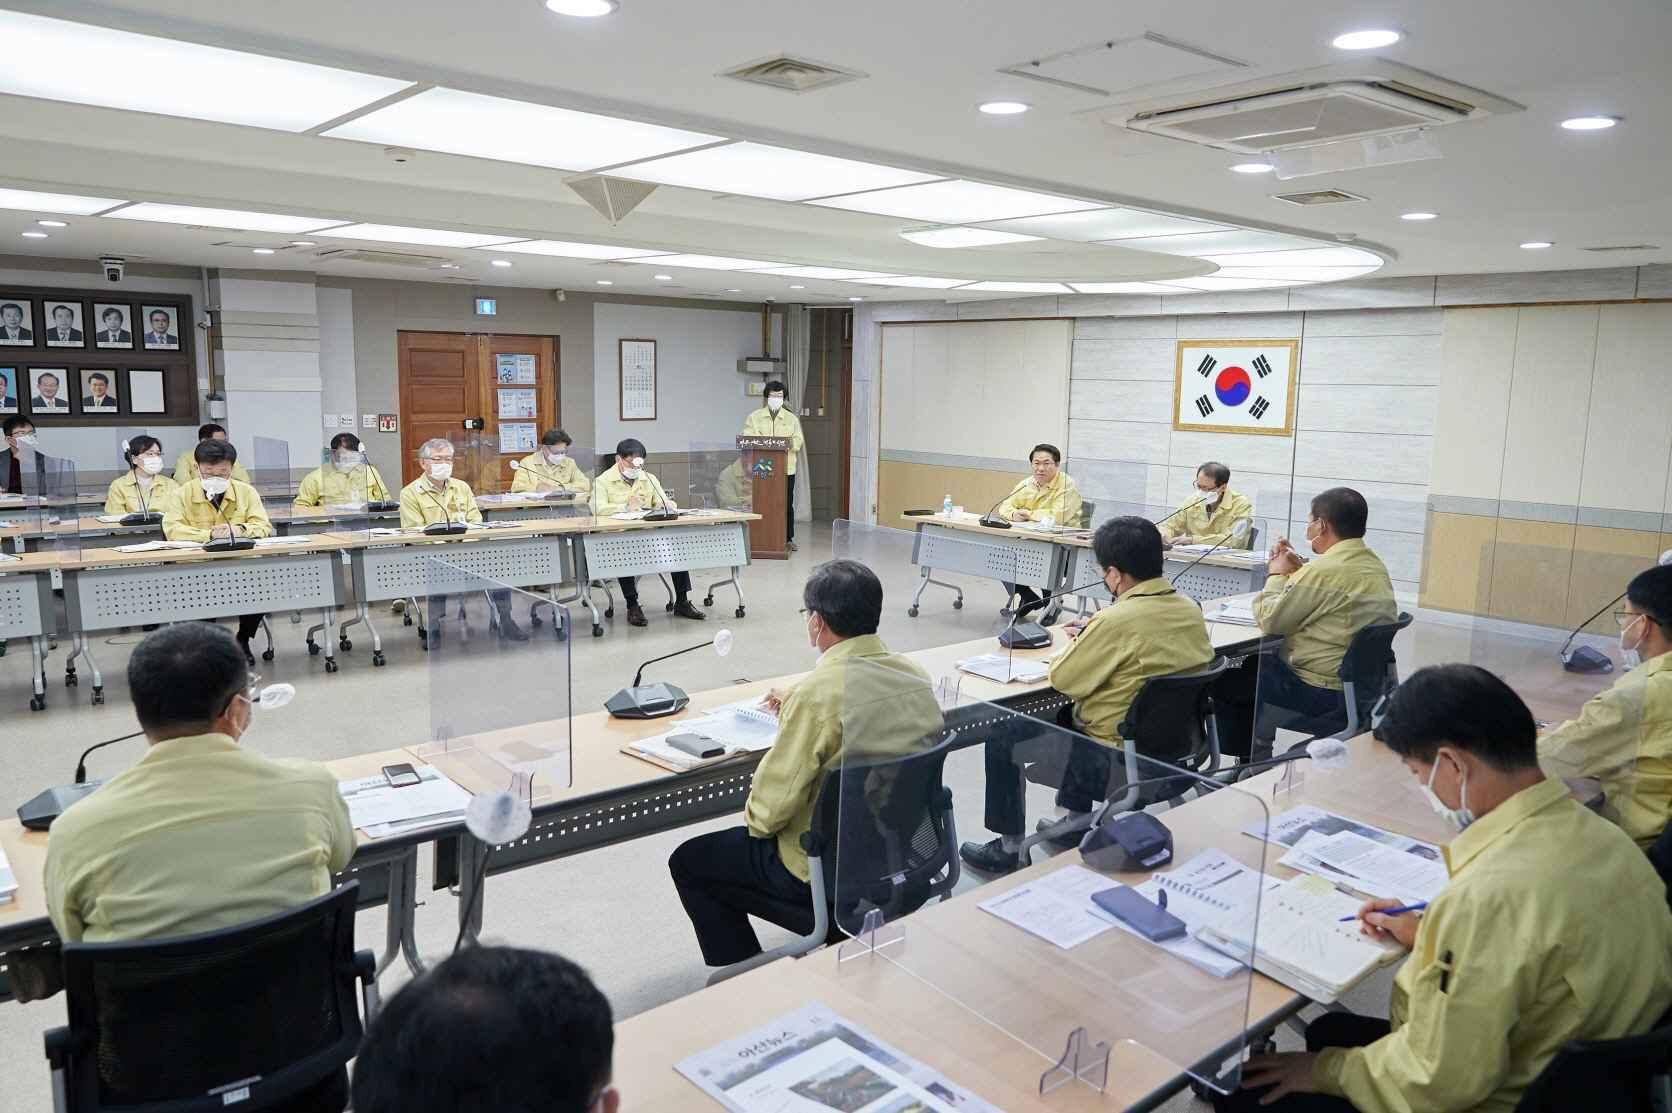 오세현 시장, 남은 두 달, 연내 마무리 가능한 사업 차질 없어야 관련사진